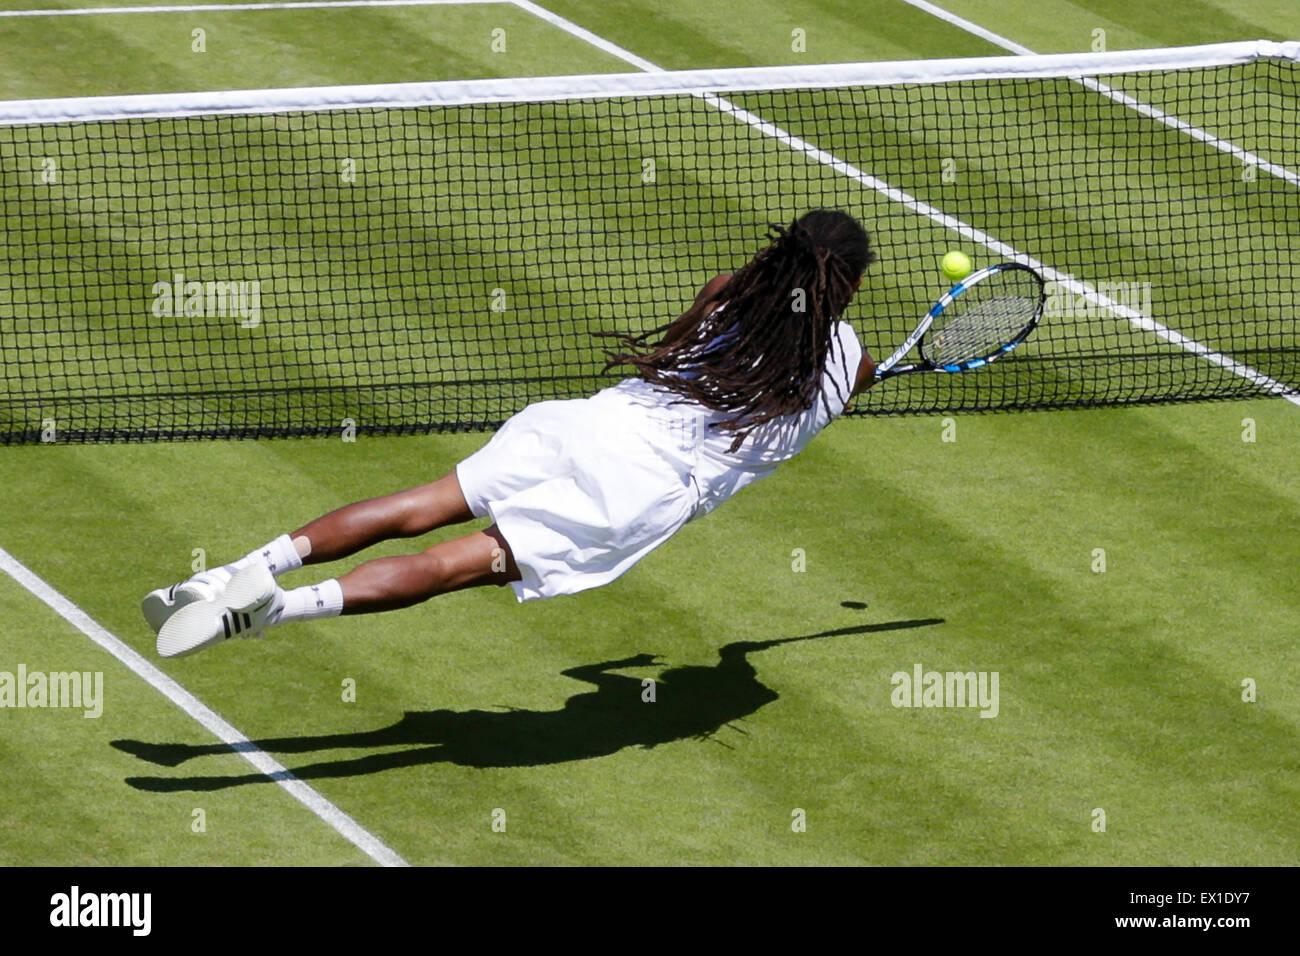 Wimbledon, Reino Unido. 04 Julio, 2015. Los Campeonatos de Tenis de Wimbledon. Gentlemens Singles tercera ronda Imagen De Stock